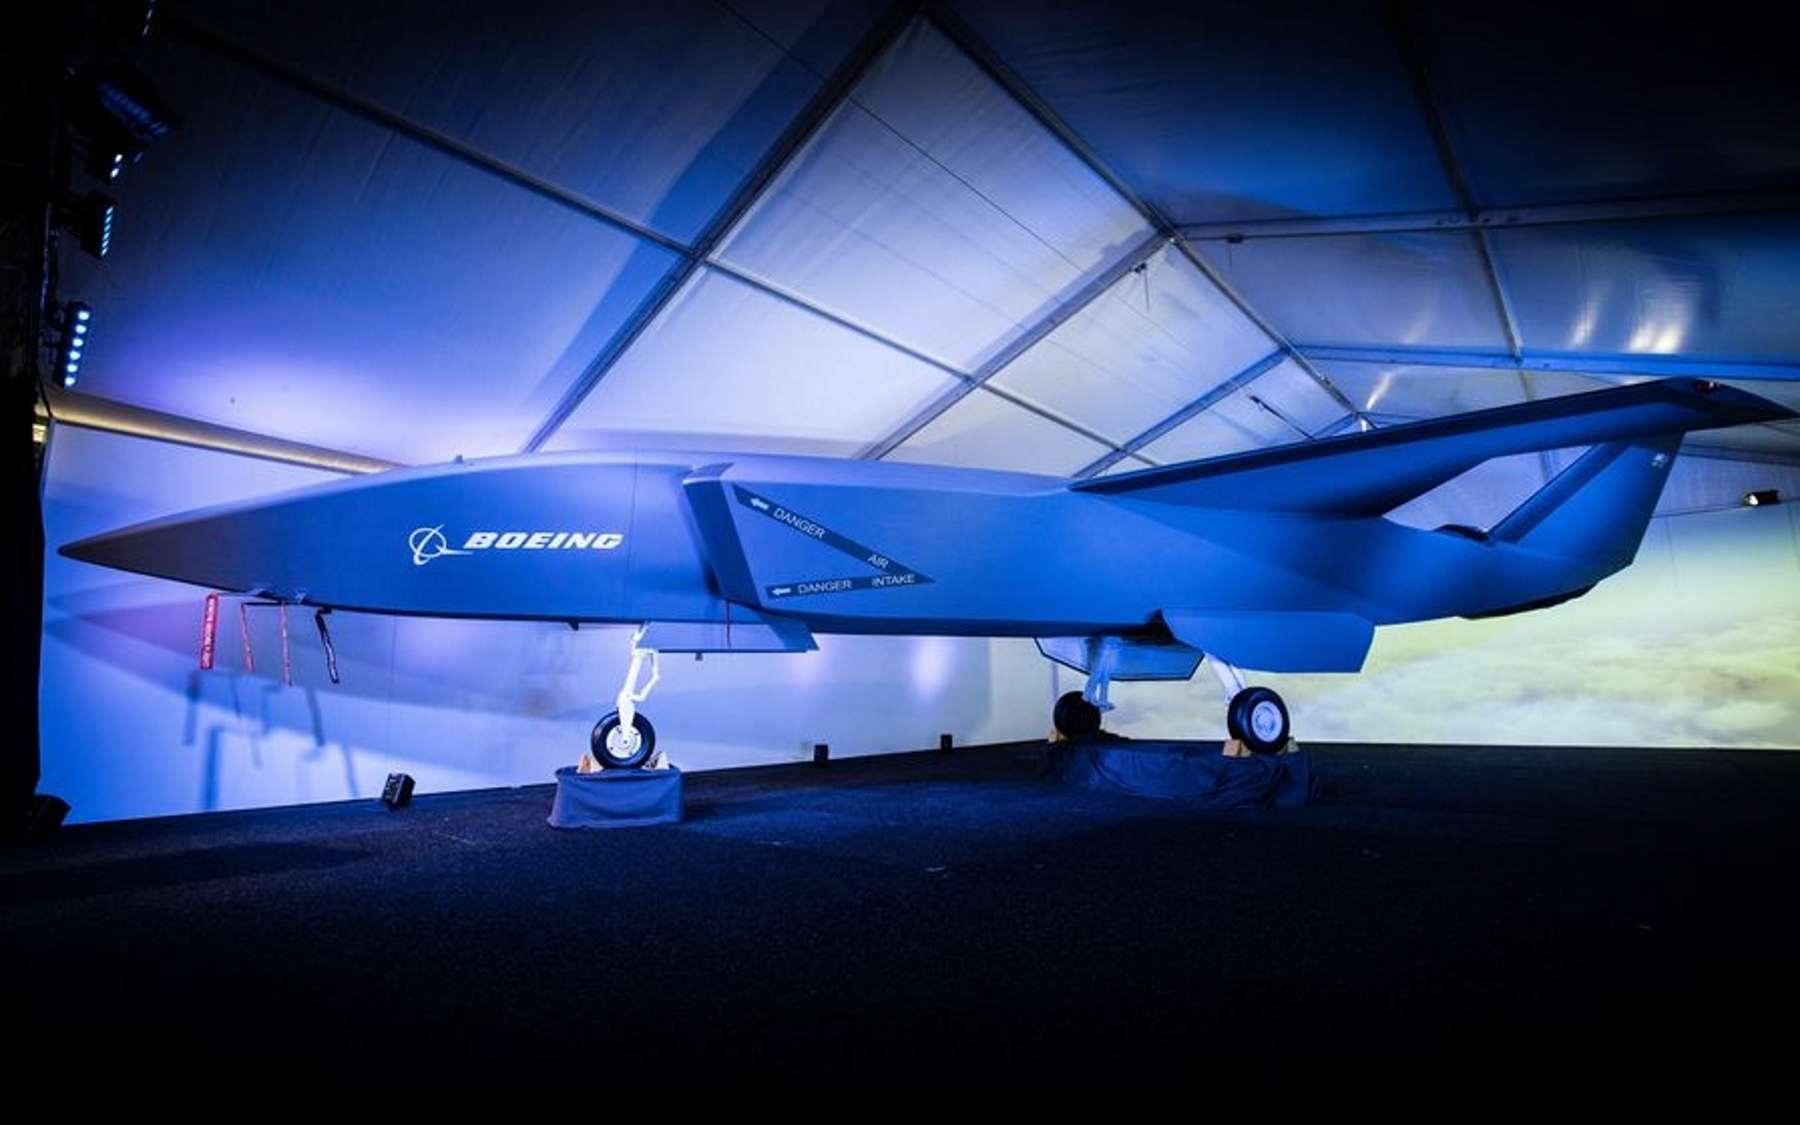 Le concept Loyal Wingman du projet Airpower Teaming System est un véritable drone de chasse boosté à l'IA pour pouvoir voler de façon semi-autonome à proximité d'avions de combats. © Boeing